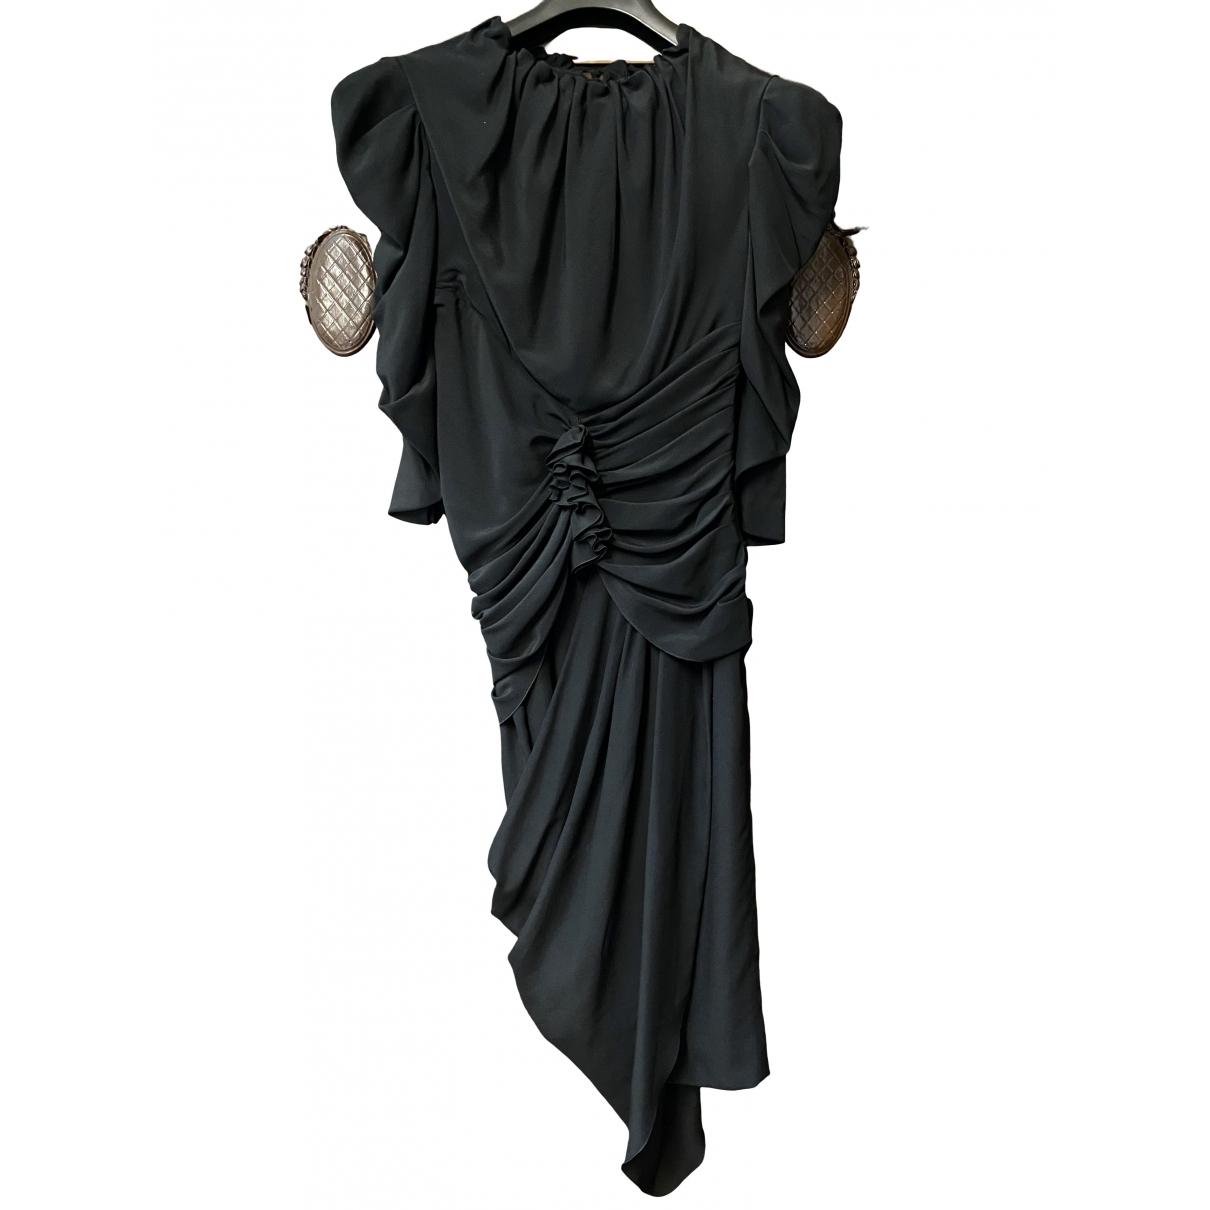 Vionnet \N Kleid in  Schwarz Seide